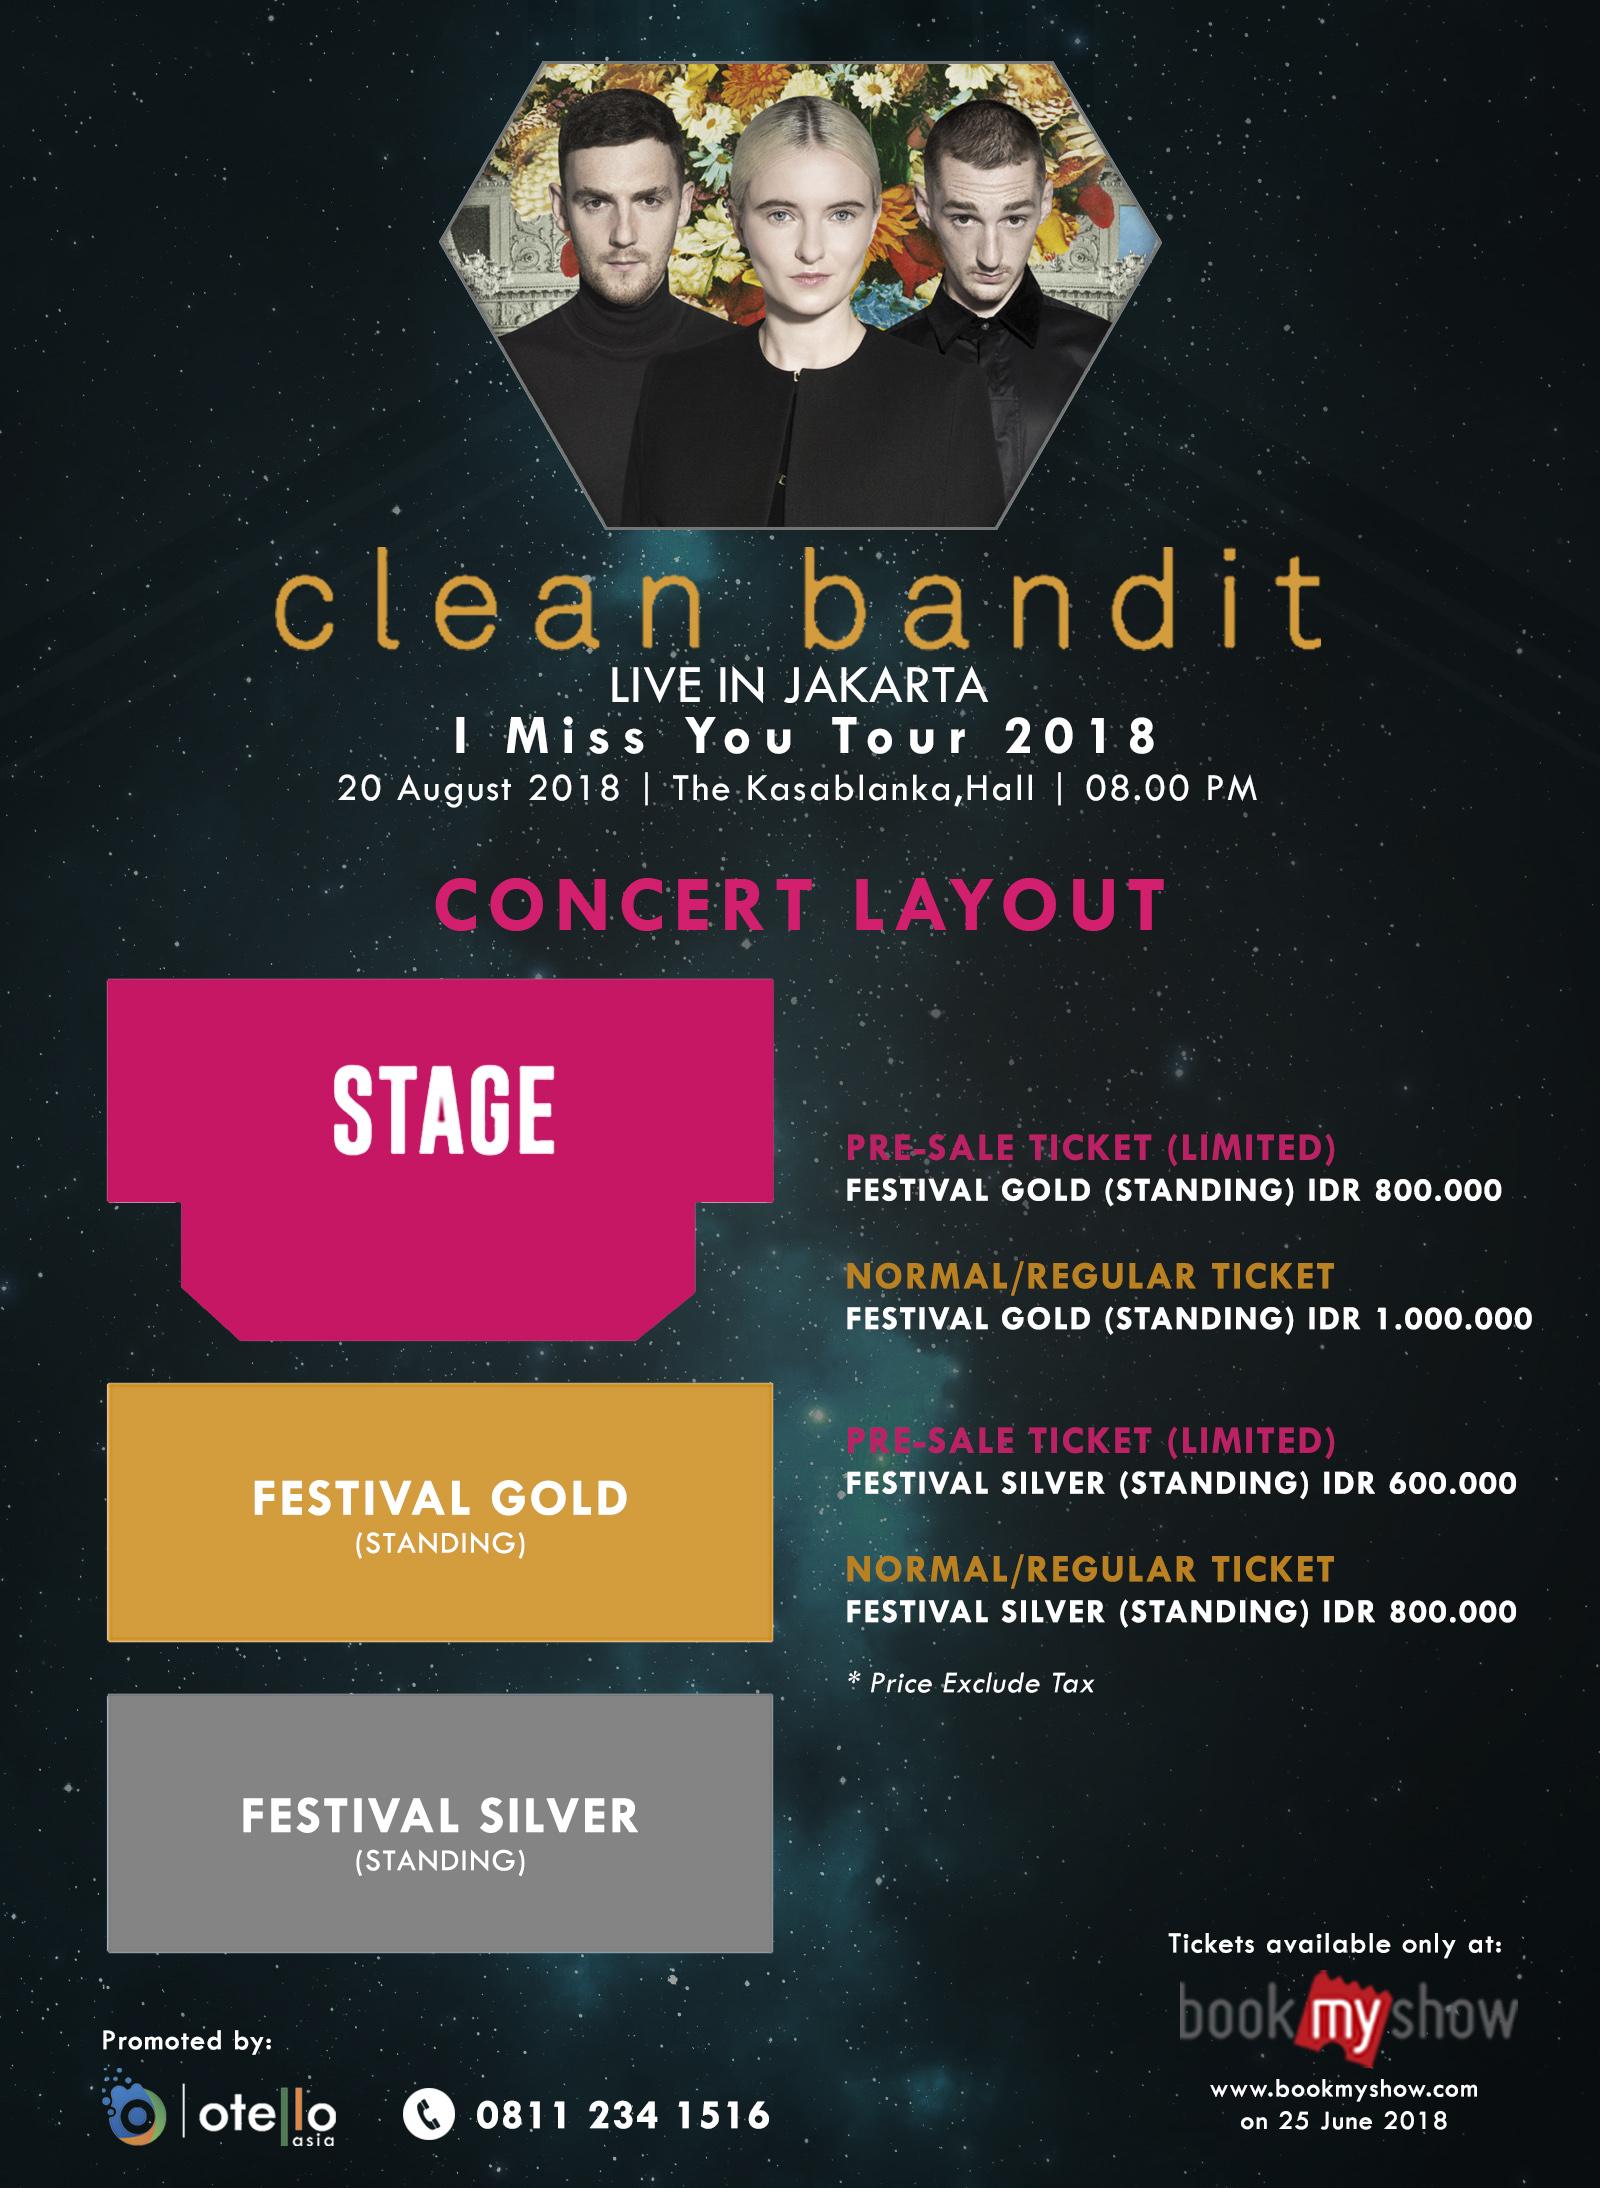 Clean Bandit 2018 - CONCERT    LAYOUT